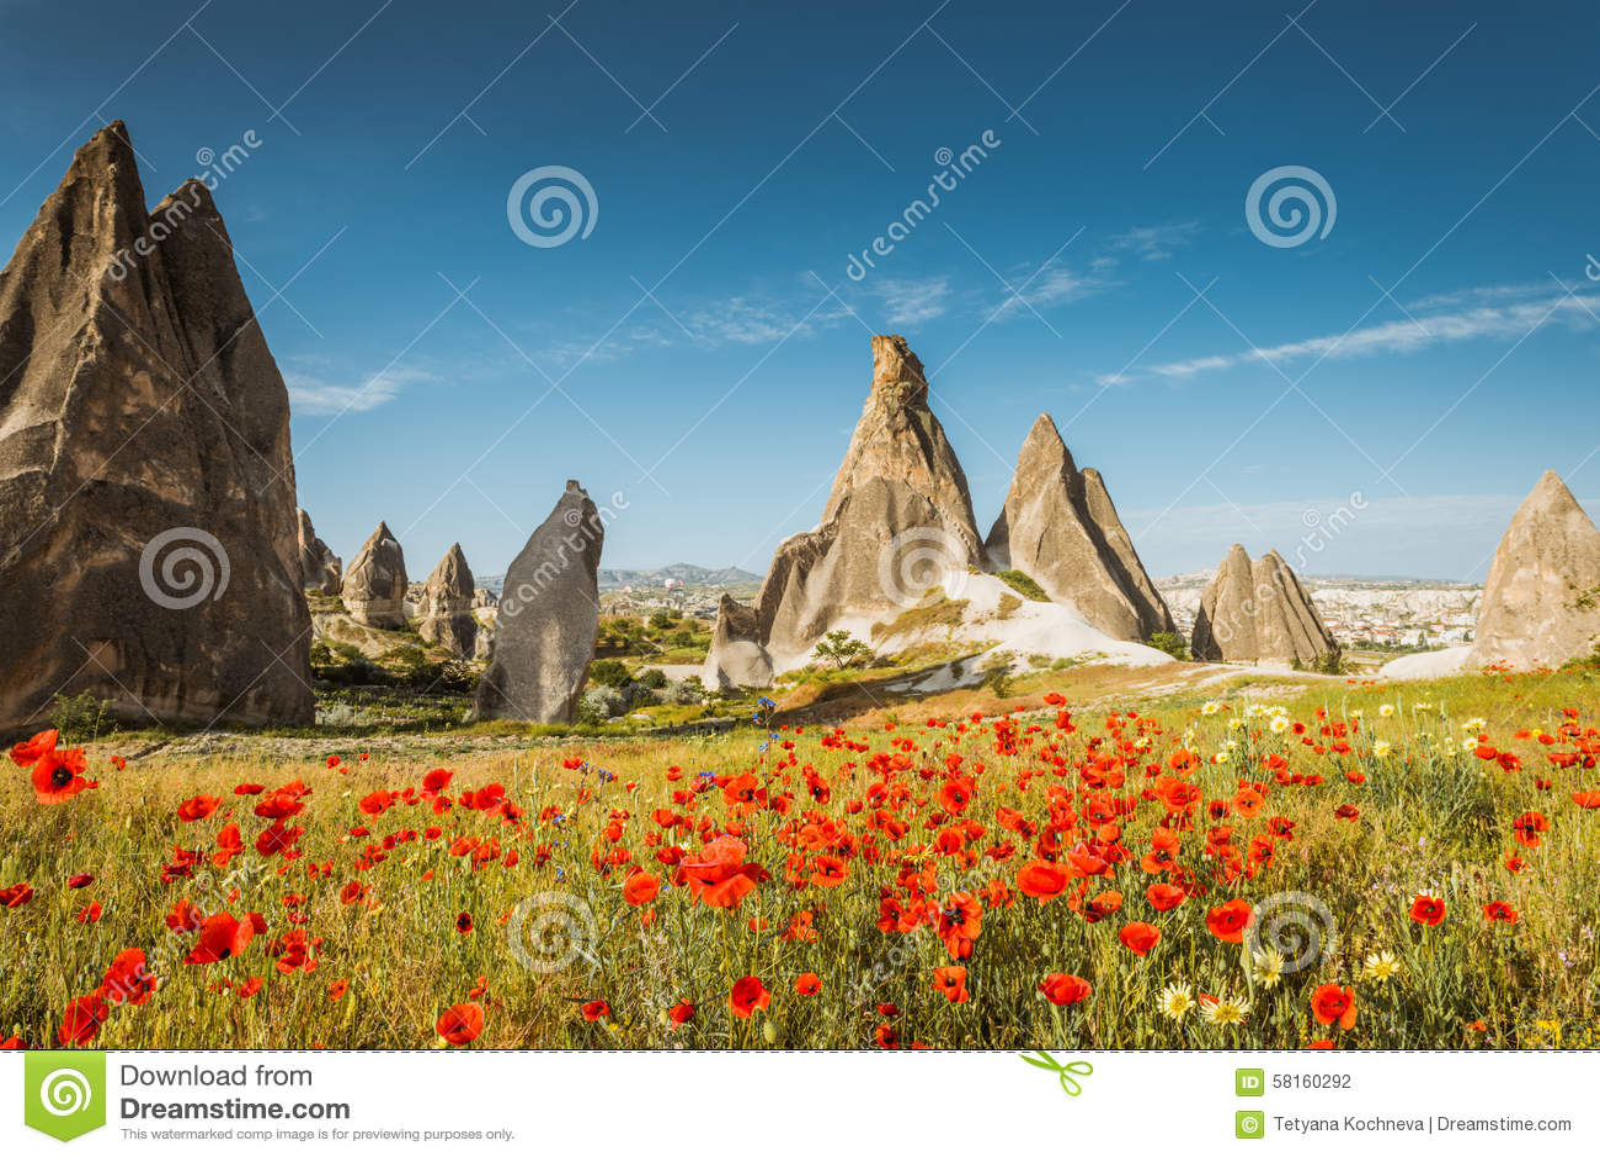 Primavera en Cappadocia, Turquía